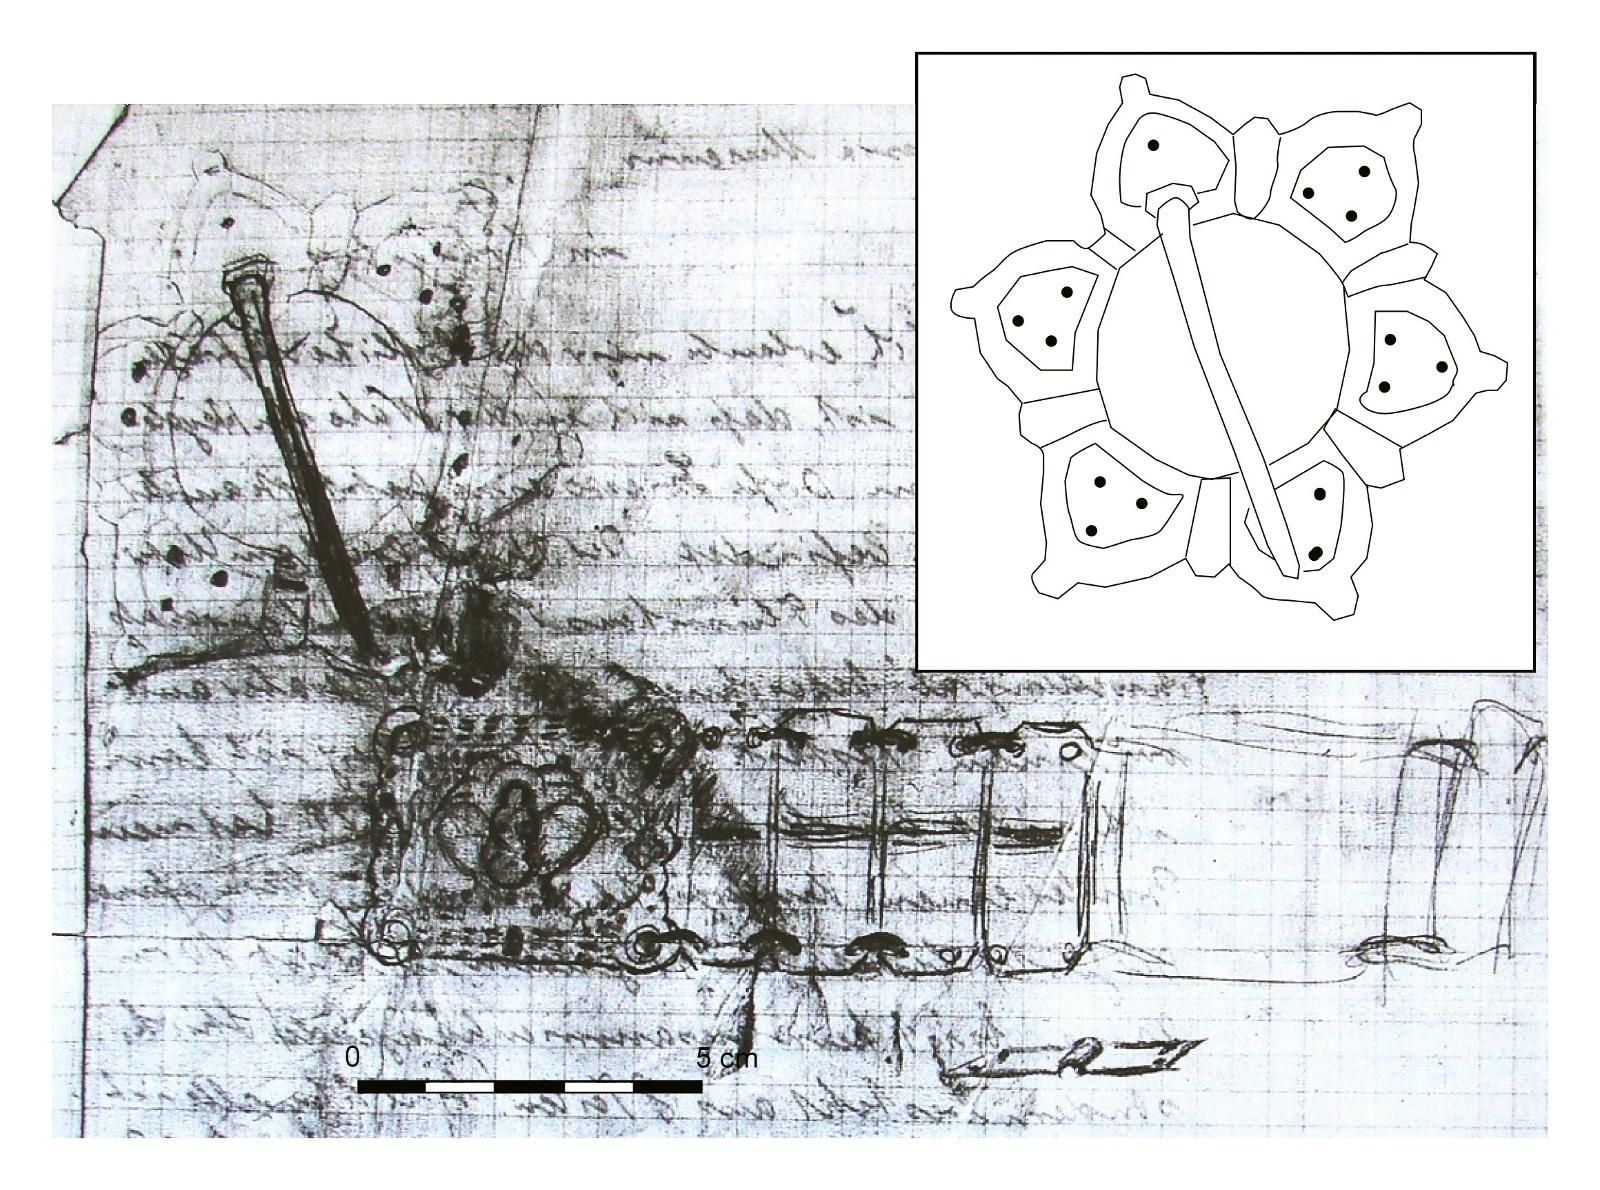 """3 pav. H. Bratkaus 1929 m. laiške """"Prussia"""" muziejui nupiešti Šyšos Švedkapių radiniai: viršuje kairėje segė, žemiau metalinio diržo fragmentas. Baltame lauke pavaizduoti segės kontūrai pagal H. Bratkaus piešinį (pagal SMB-PK/MVF, PM IXd 1, PM-A 1588/1). Mastelis žymi piešinio dydį / Fig. 3. Letter from H. Bratkus to the Prussia Museum, 1929 with sketch of the Šyša finds: top left – brooch; below – fragment of a metal belt. The outline of the brooch is shown according to Bratkus' sketch (according to SMB-PK/MVF, PM IXd 1, PM-A 1588/1). The scale shows the size of the sketch"""